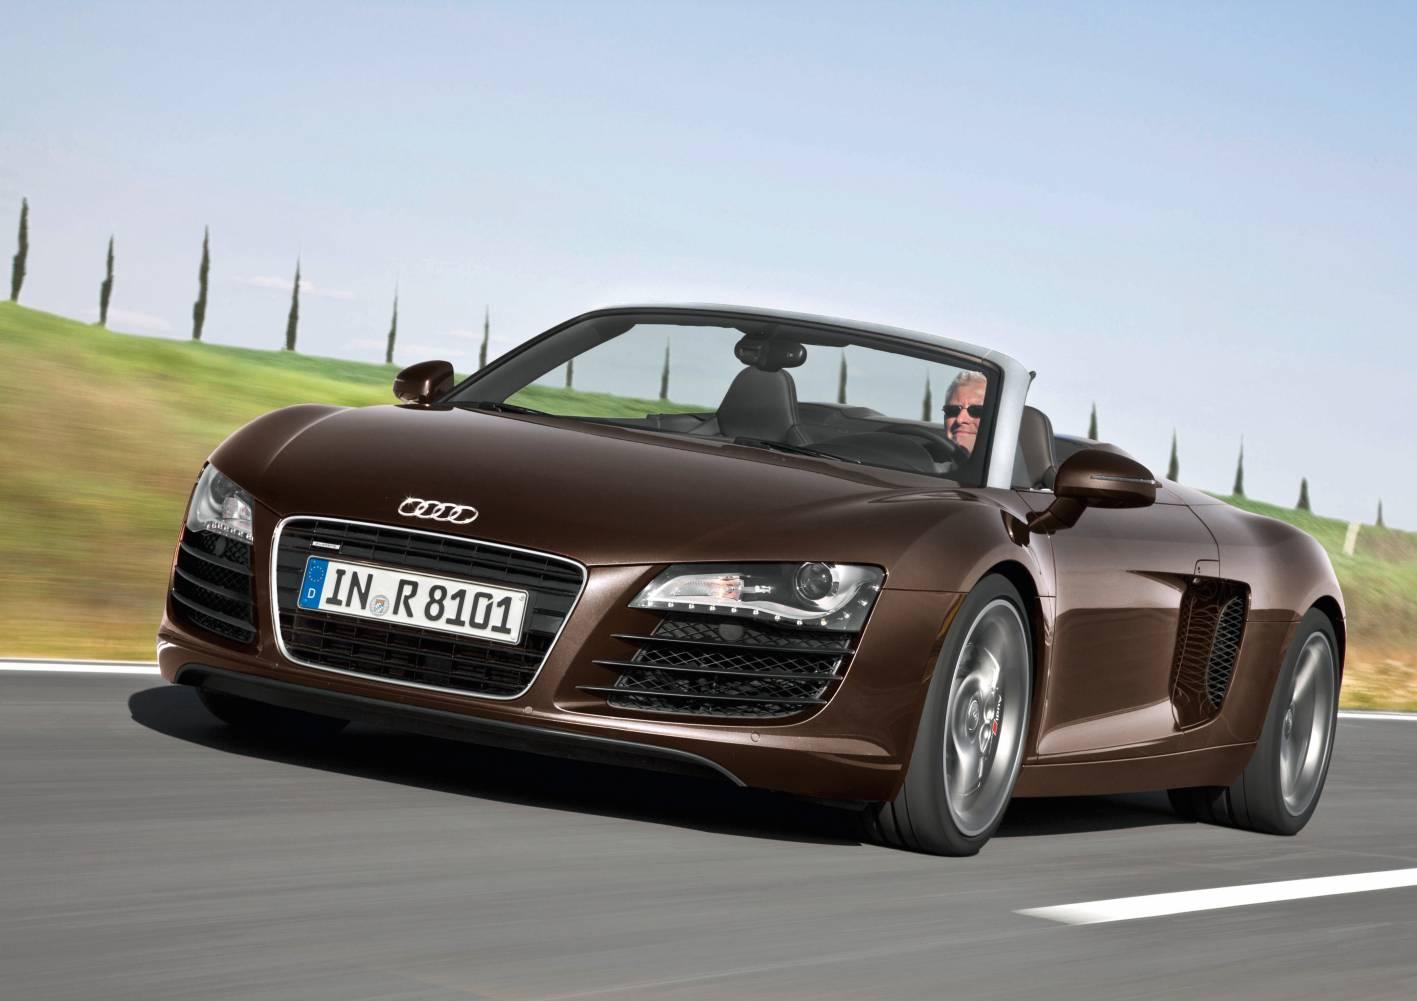 News 4 2 Litre V8 Joins Audi R8 Spyder Lineup